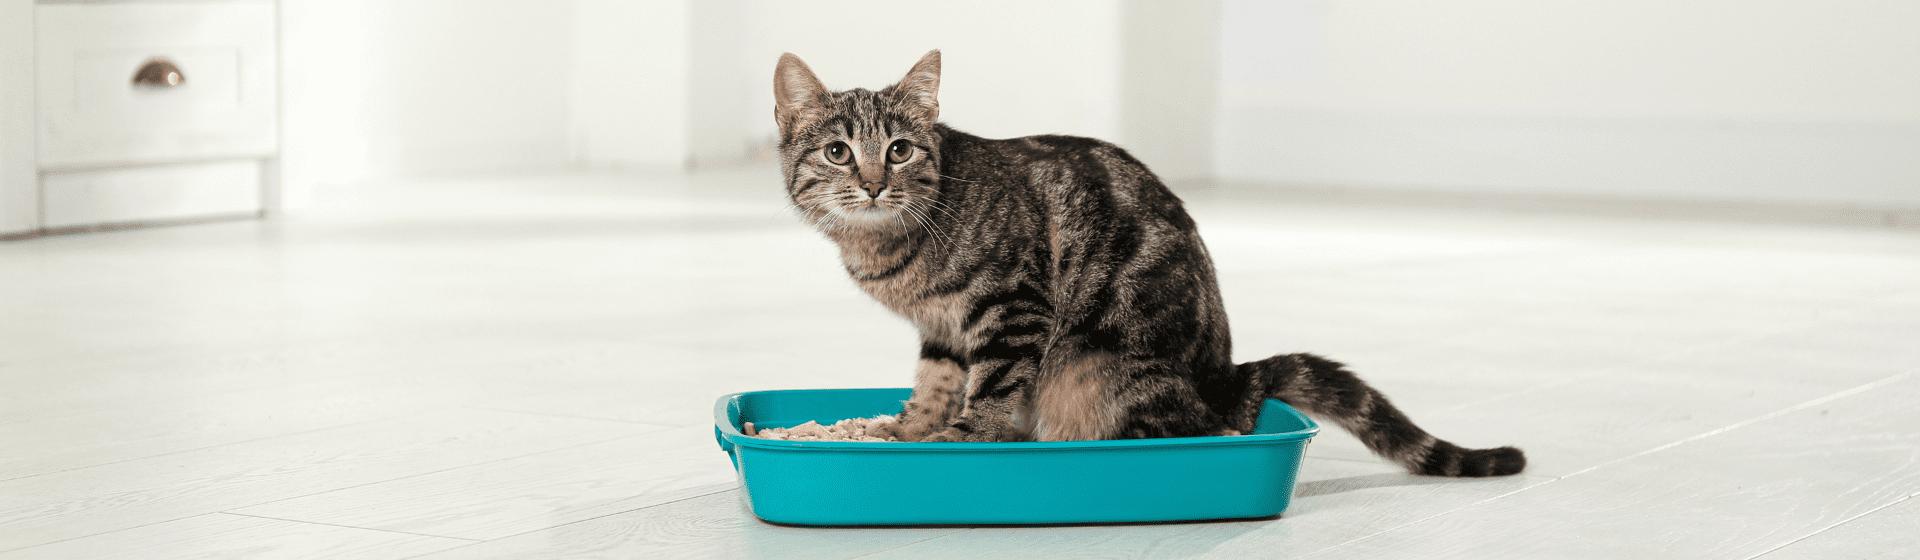 Areia para gato: qual é a melhor opção?